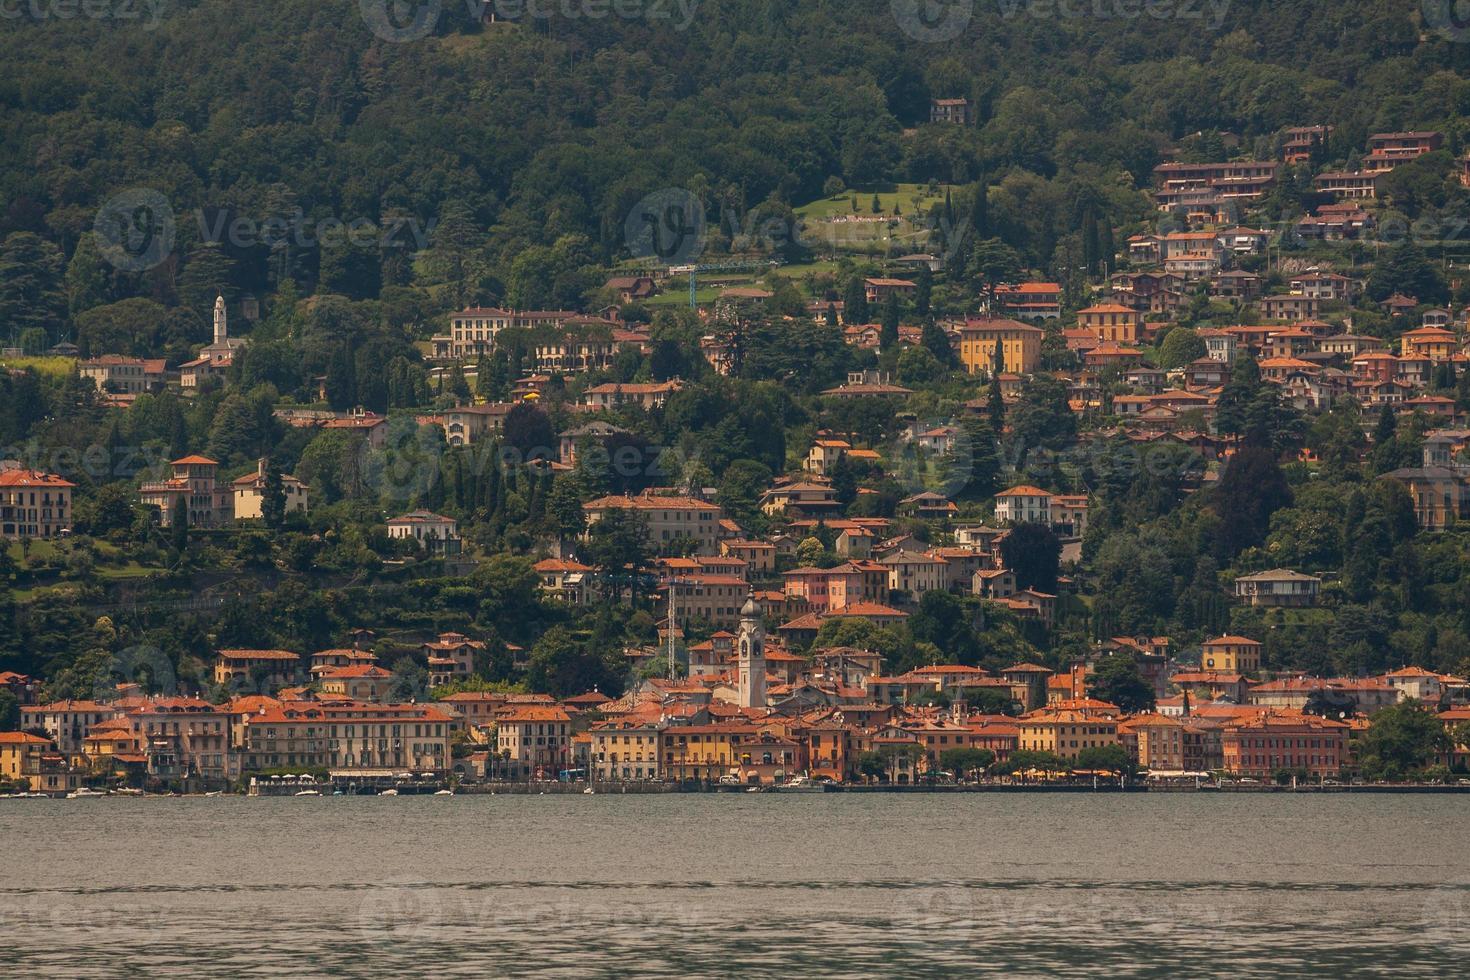 lago di como, lombardia, italia foto